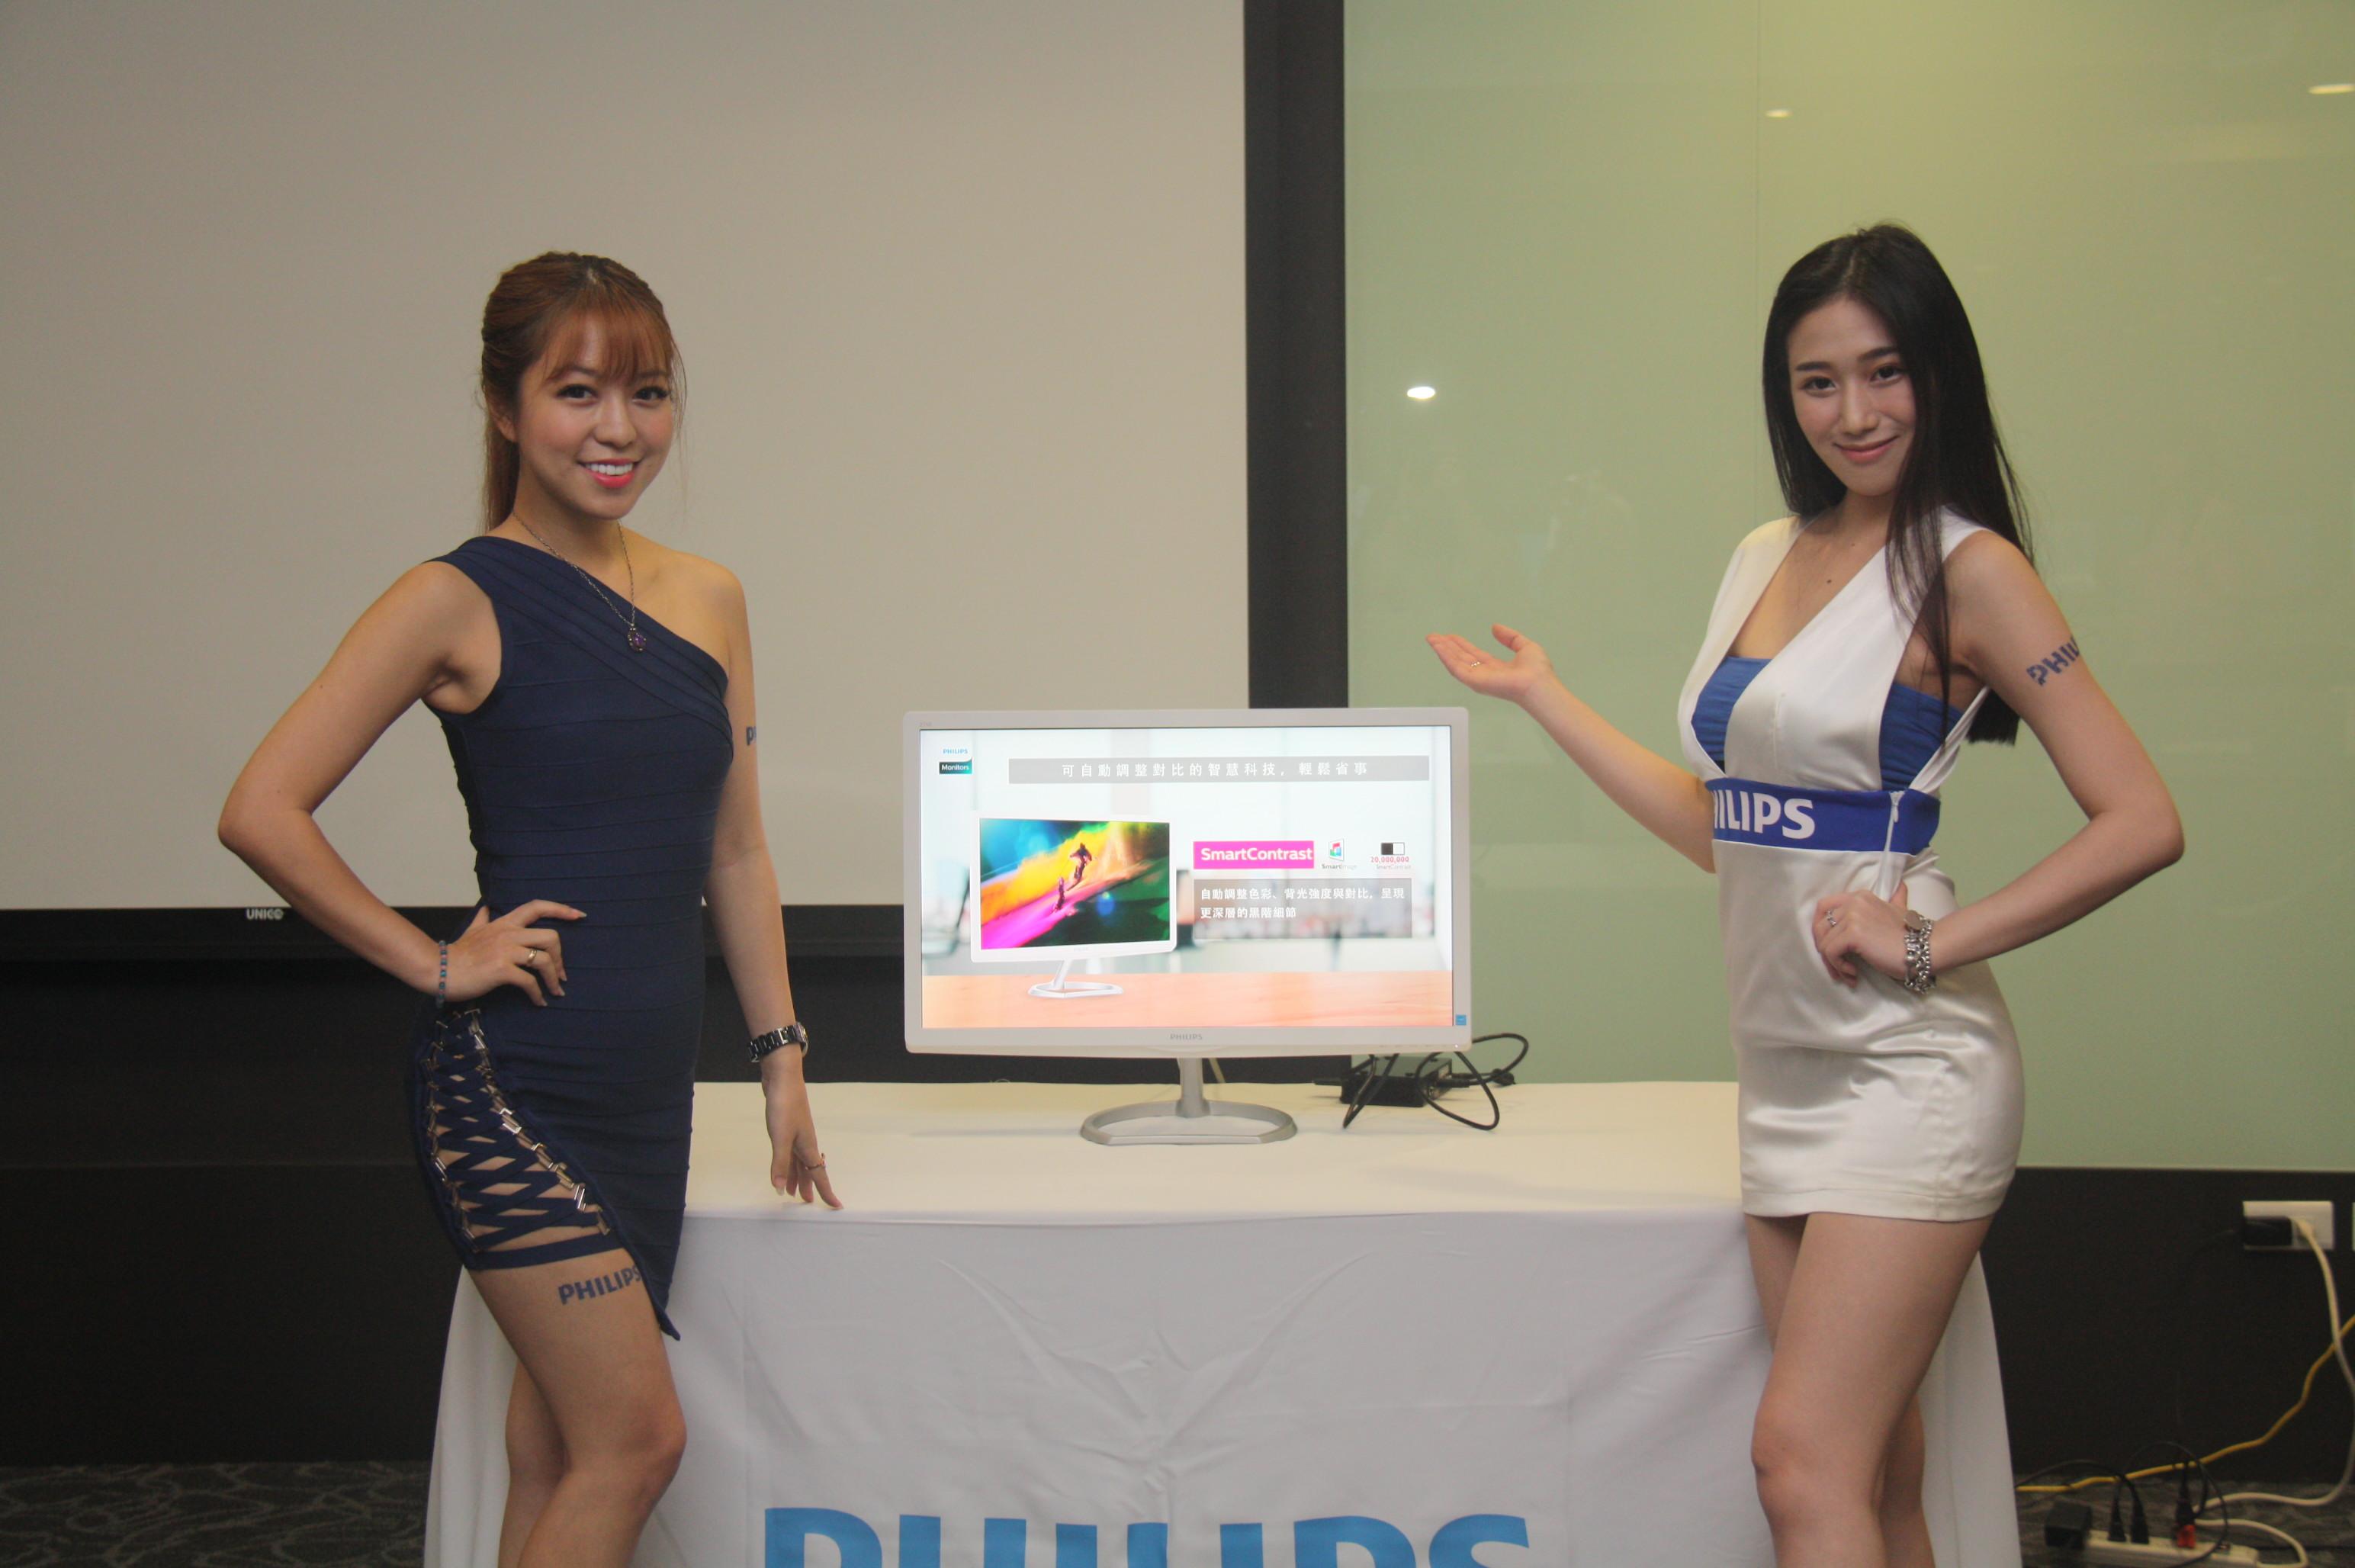 犀利原色,超越極限真視界!Philips全球首款量子點顯示器體驗會活動花絮!